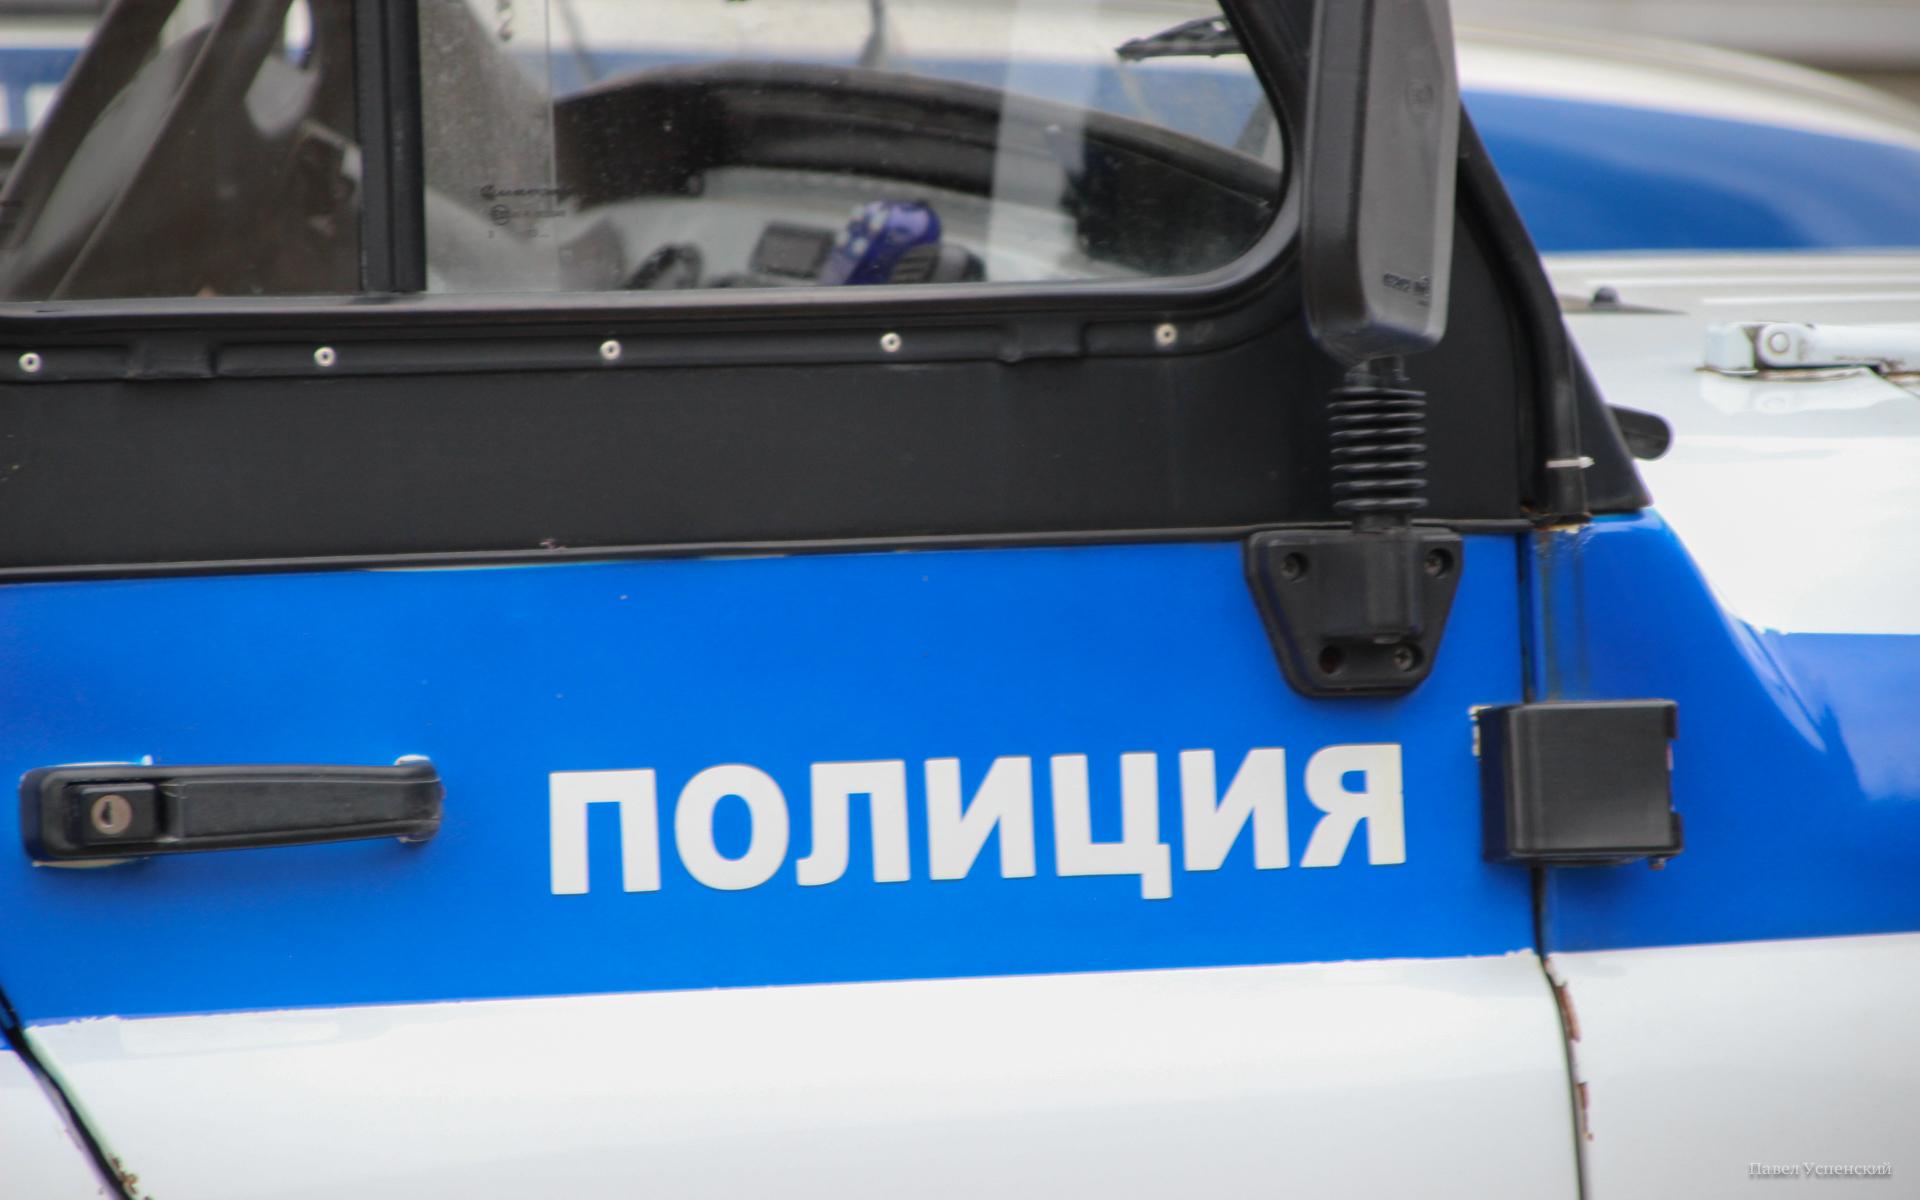 Из столовой в Тверской области пропала печь весом в два центнера - новости Афанасий